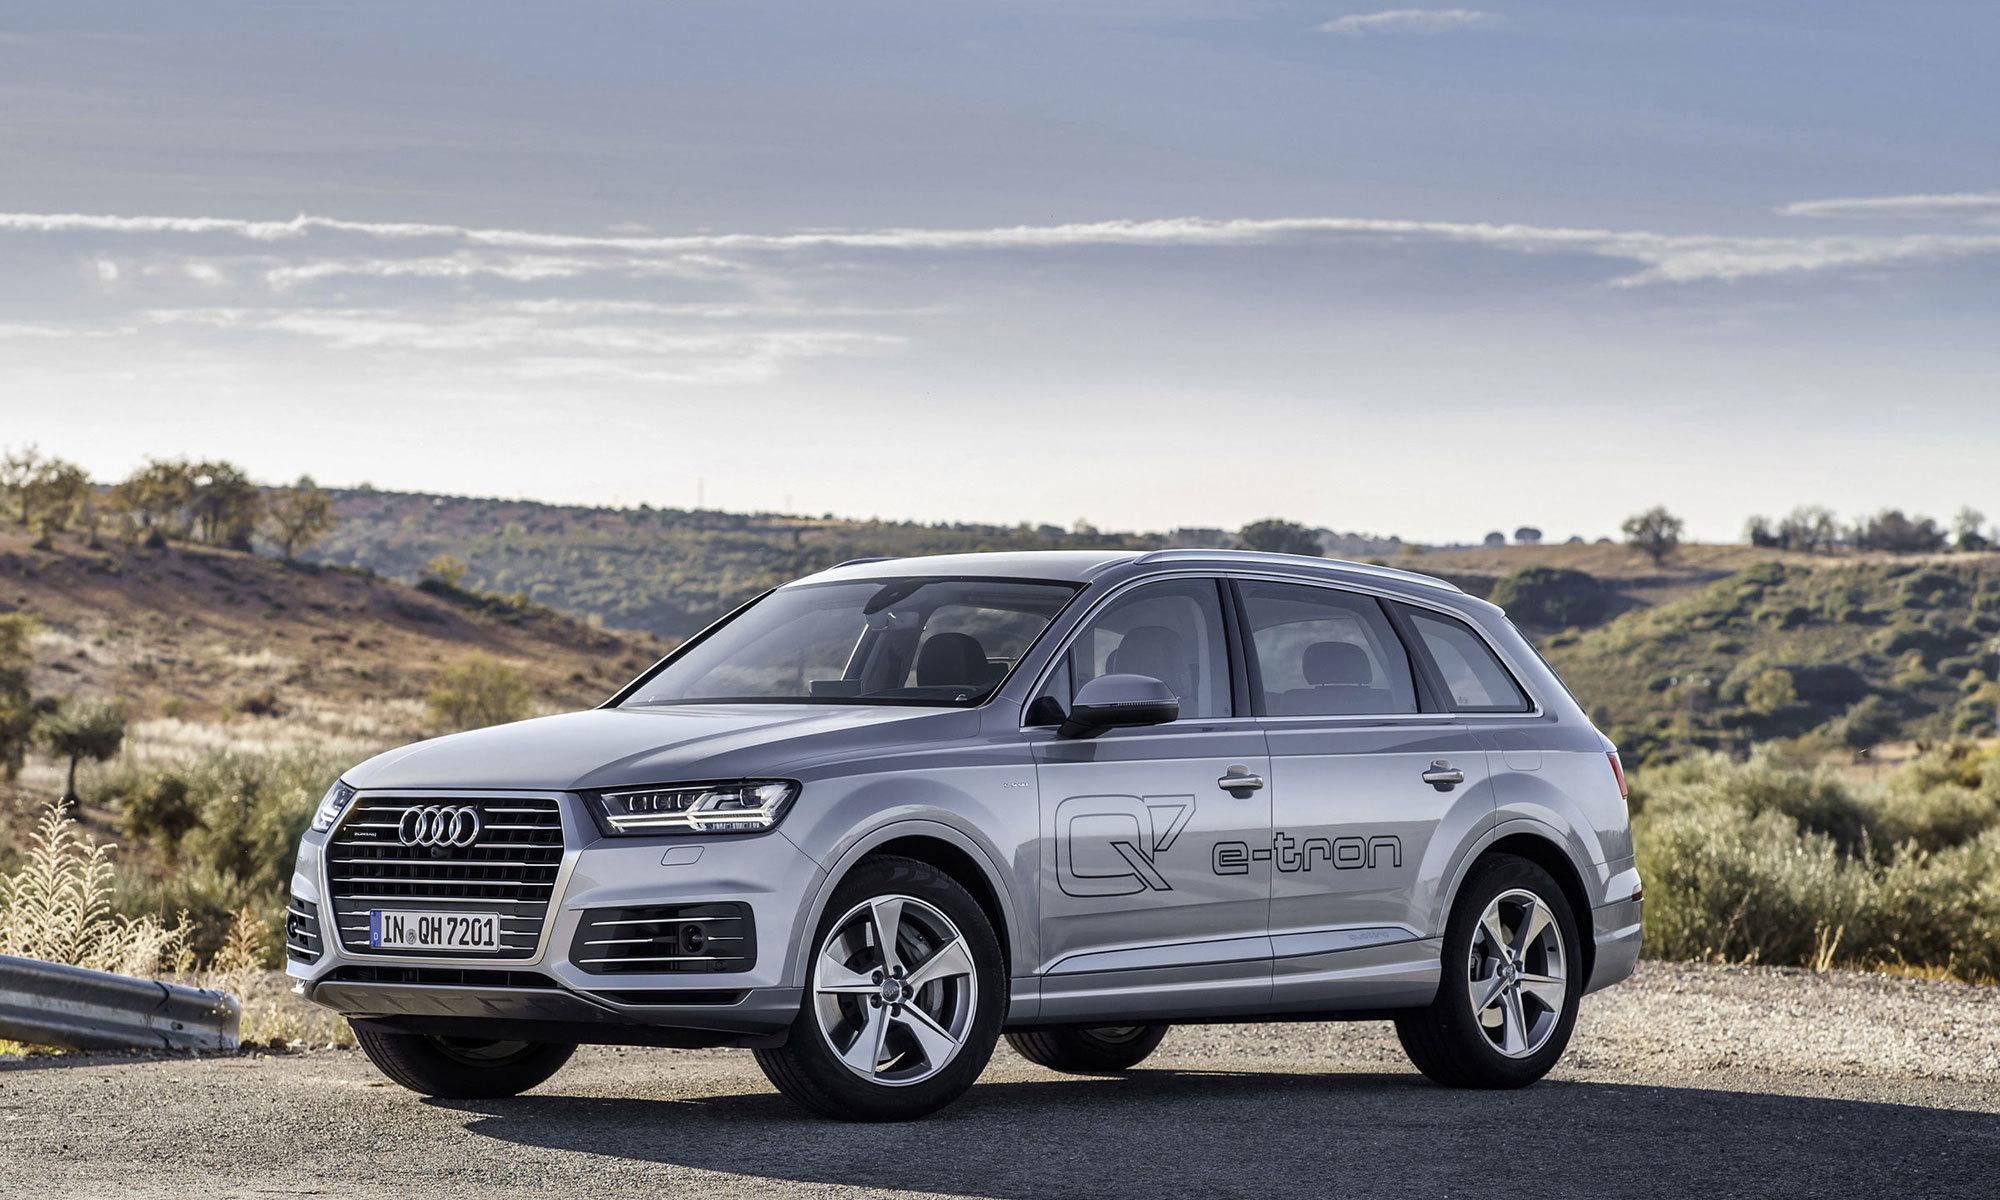 Kekurangan Audi Q7 Etron Murah Berkualitas